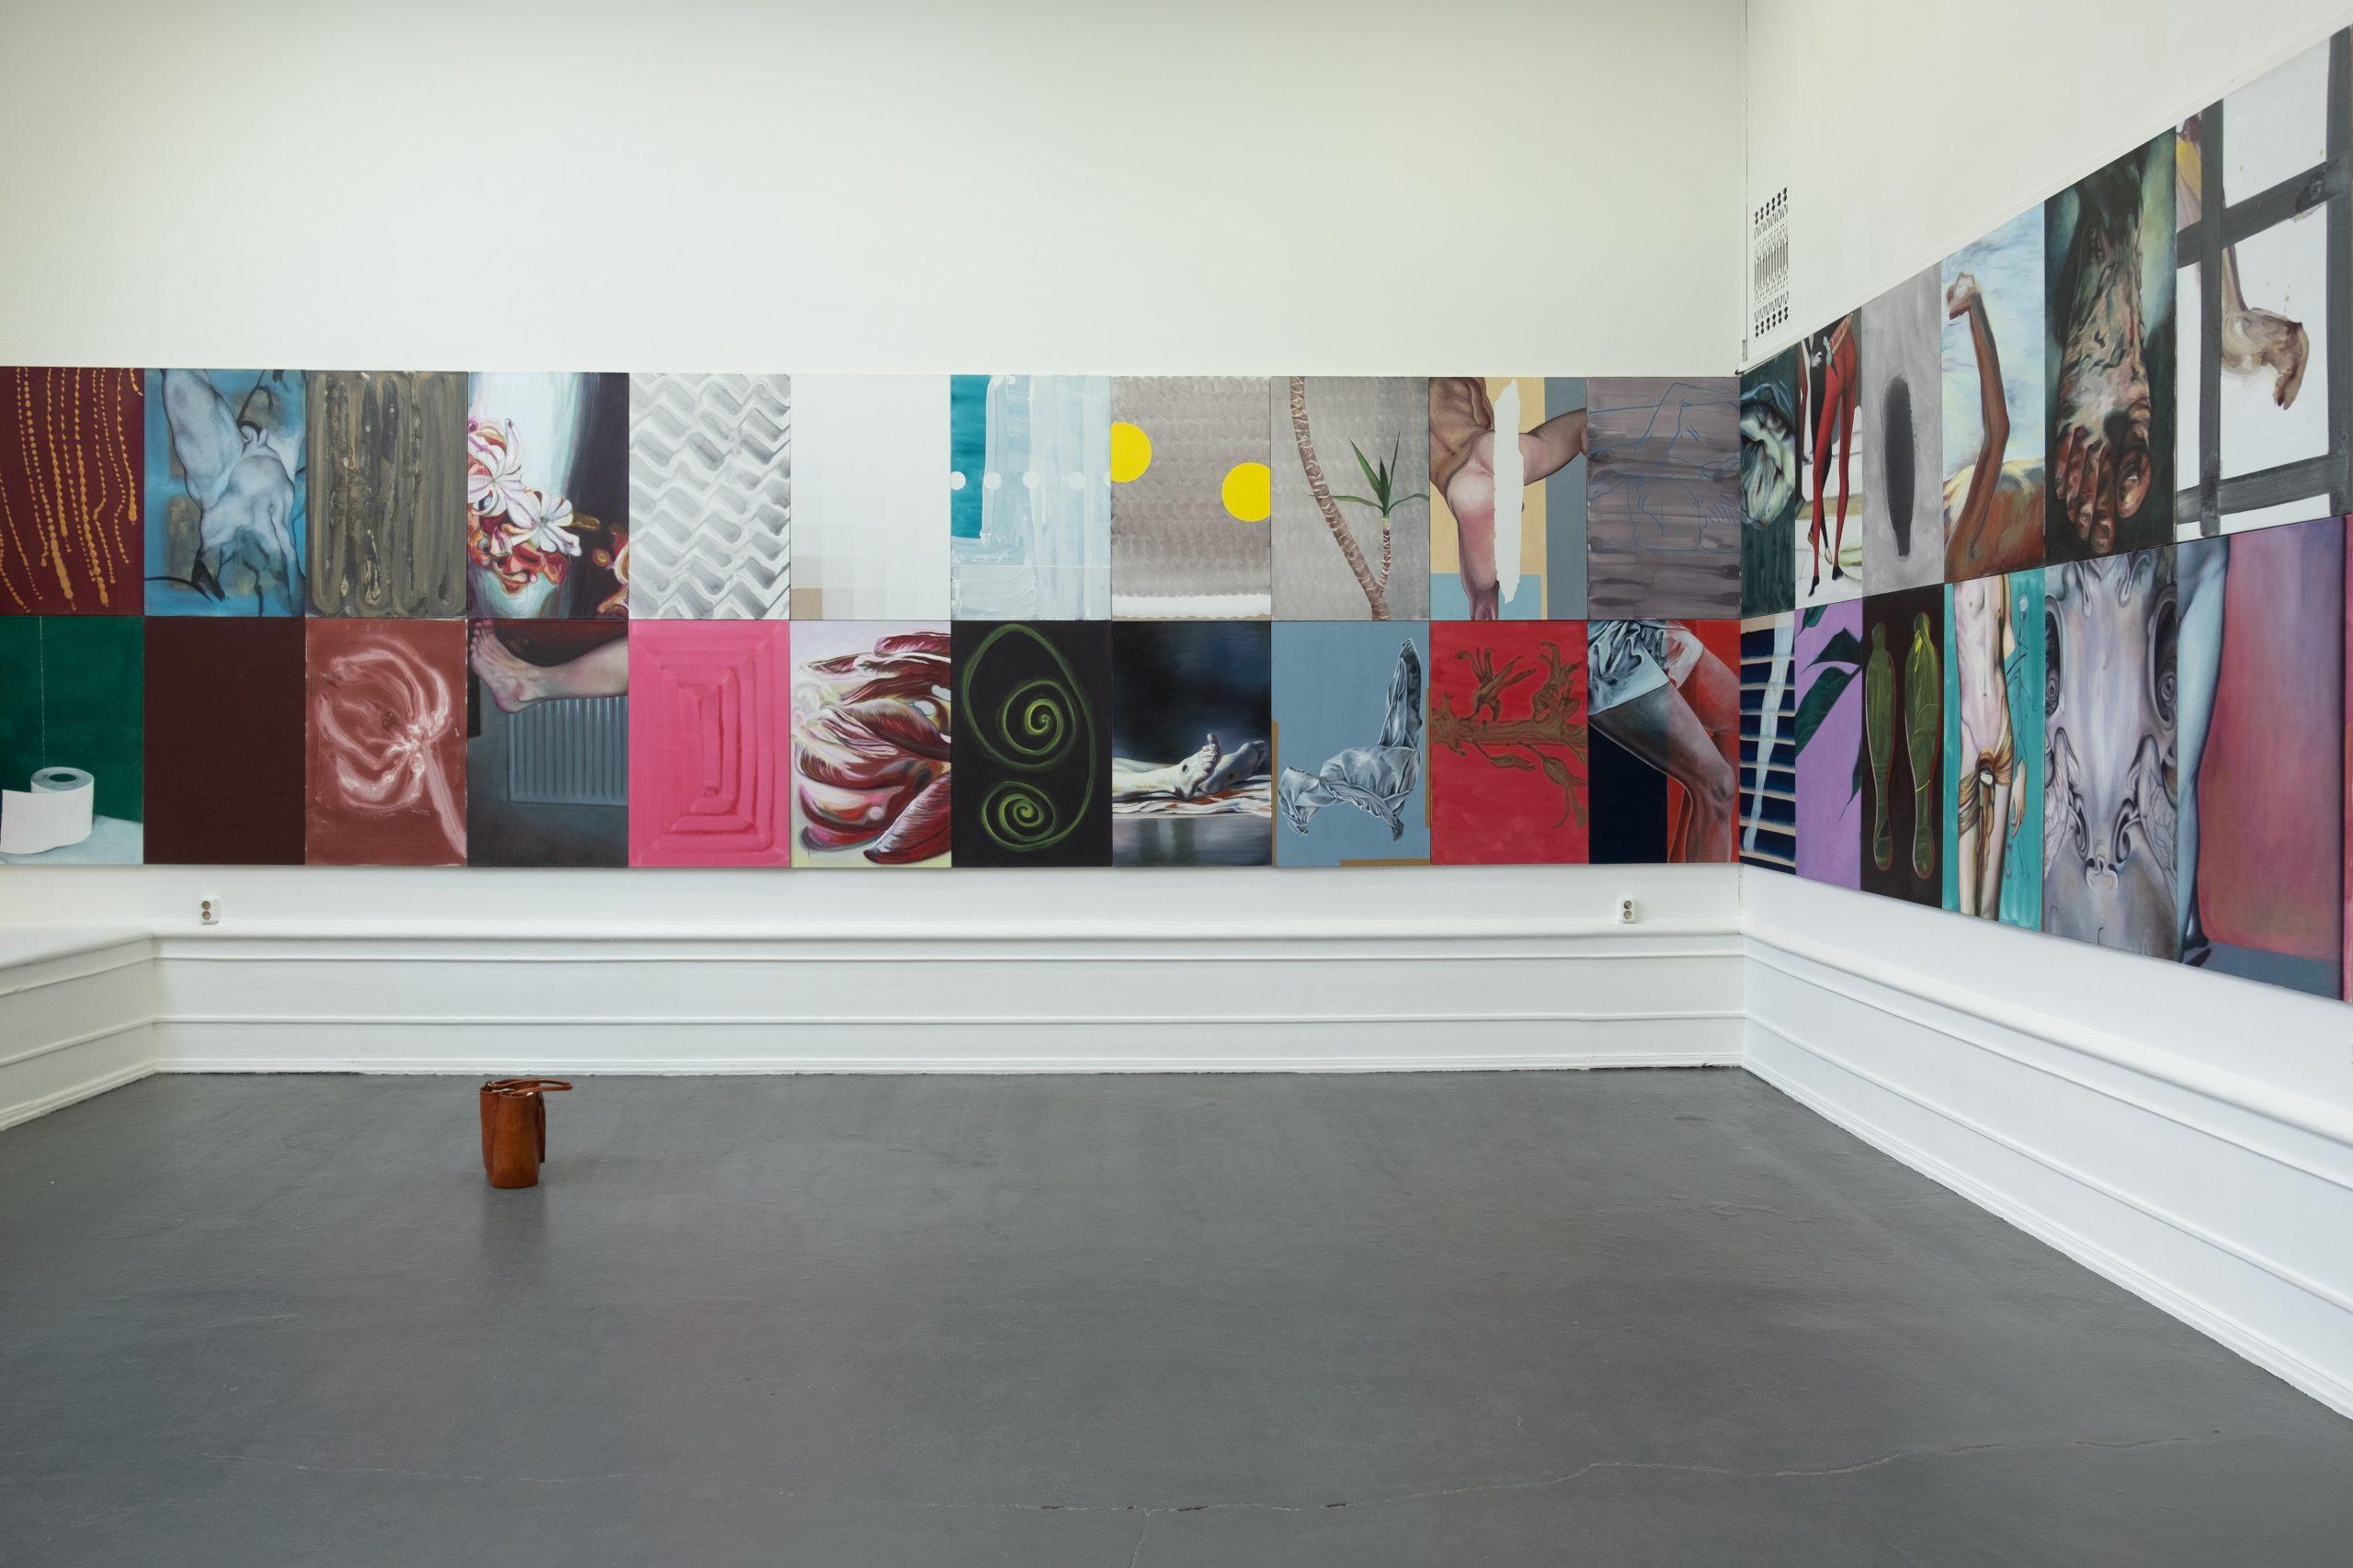 """Martin Gustavsson, Installation view: """"In No Particular Order"""", Galleri Flach, 2019. Photo: Vanessa Fristedt"""